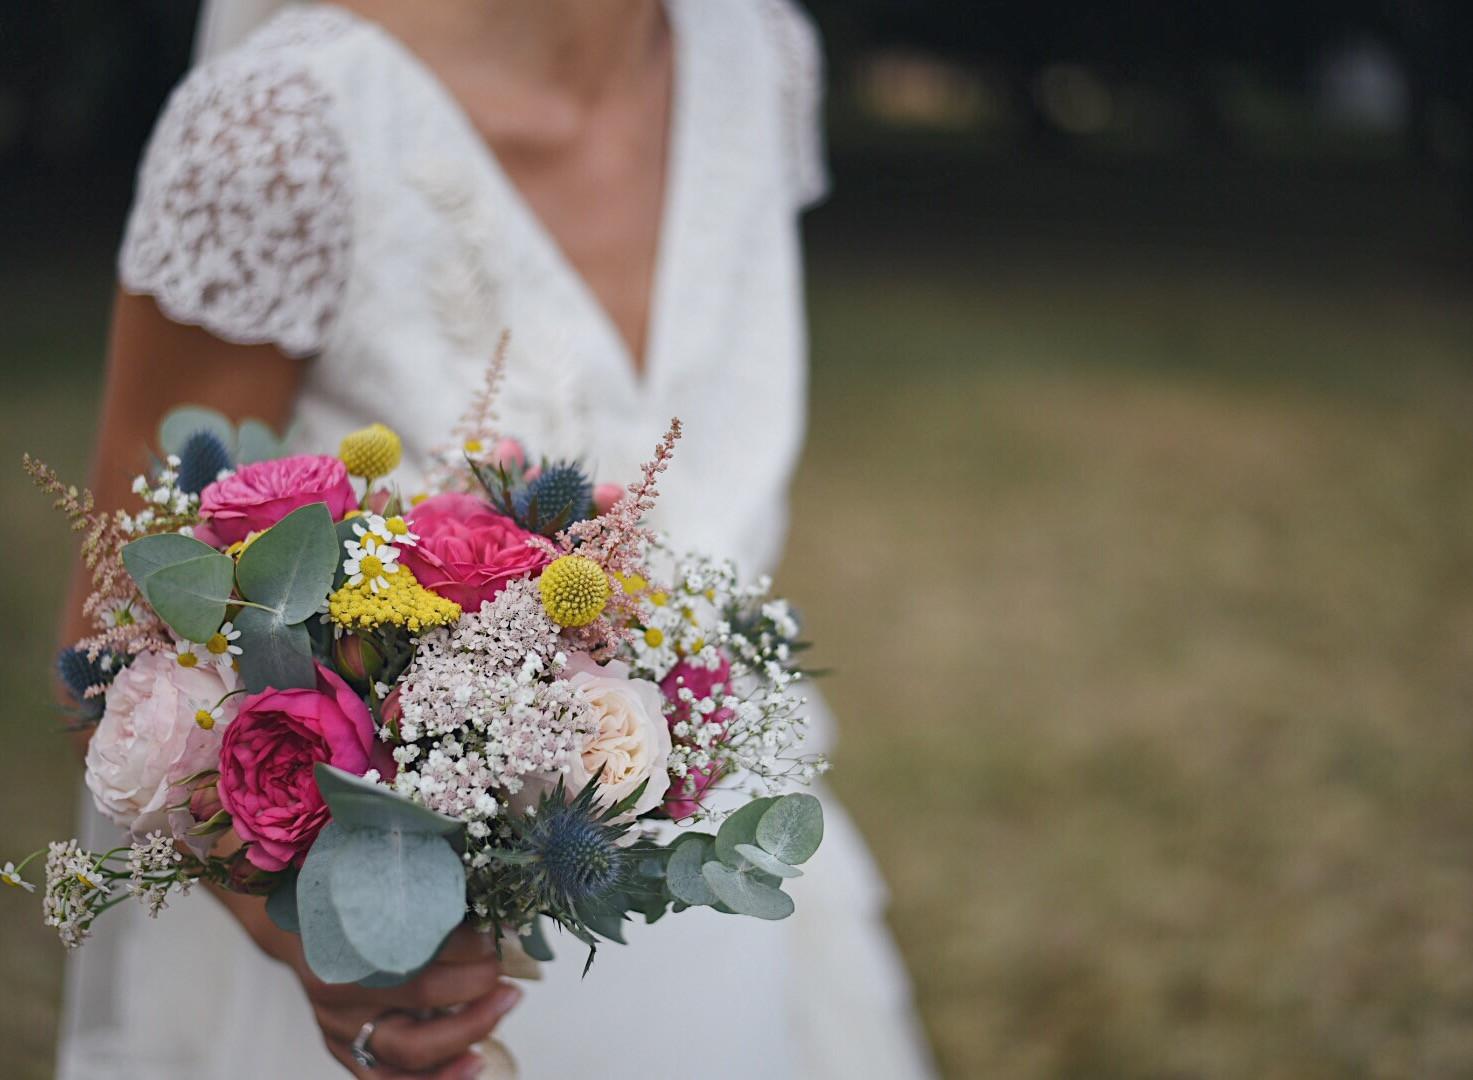 Le mariage de Charlotte et Arthur.